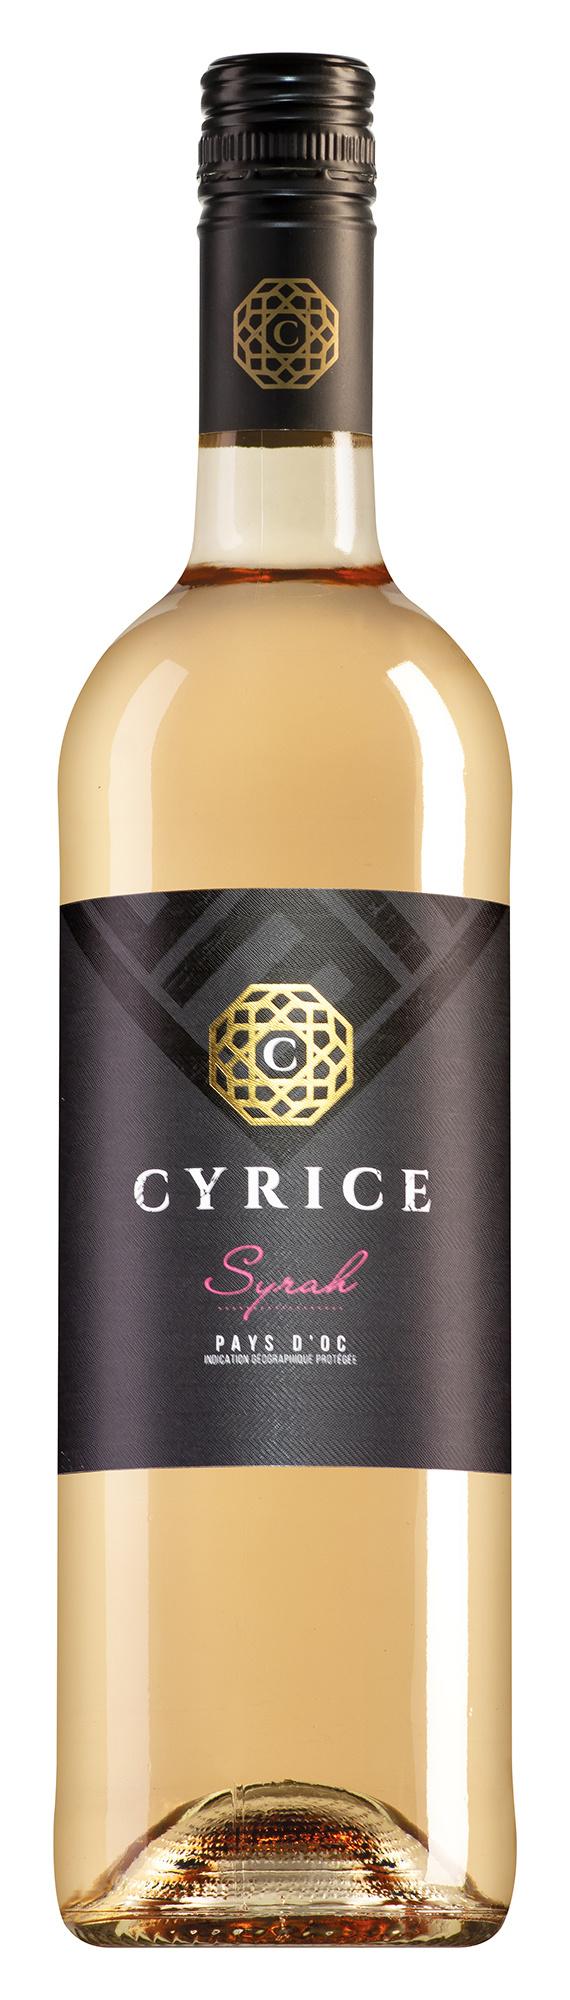 Cyrice Pays d'Oc Syrah rosé 2020